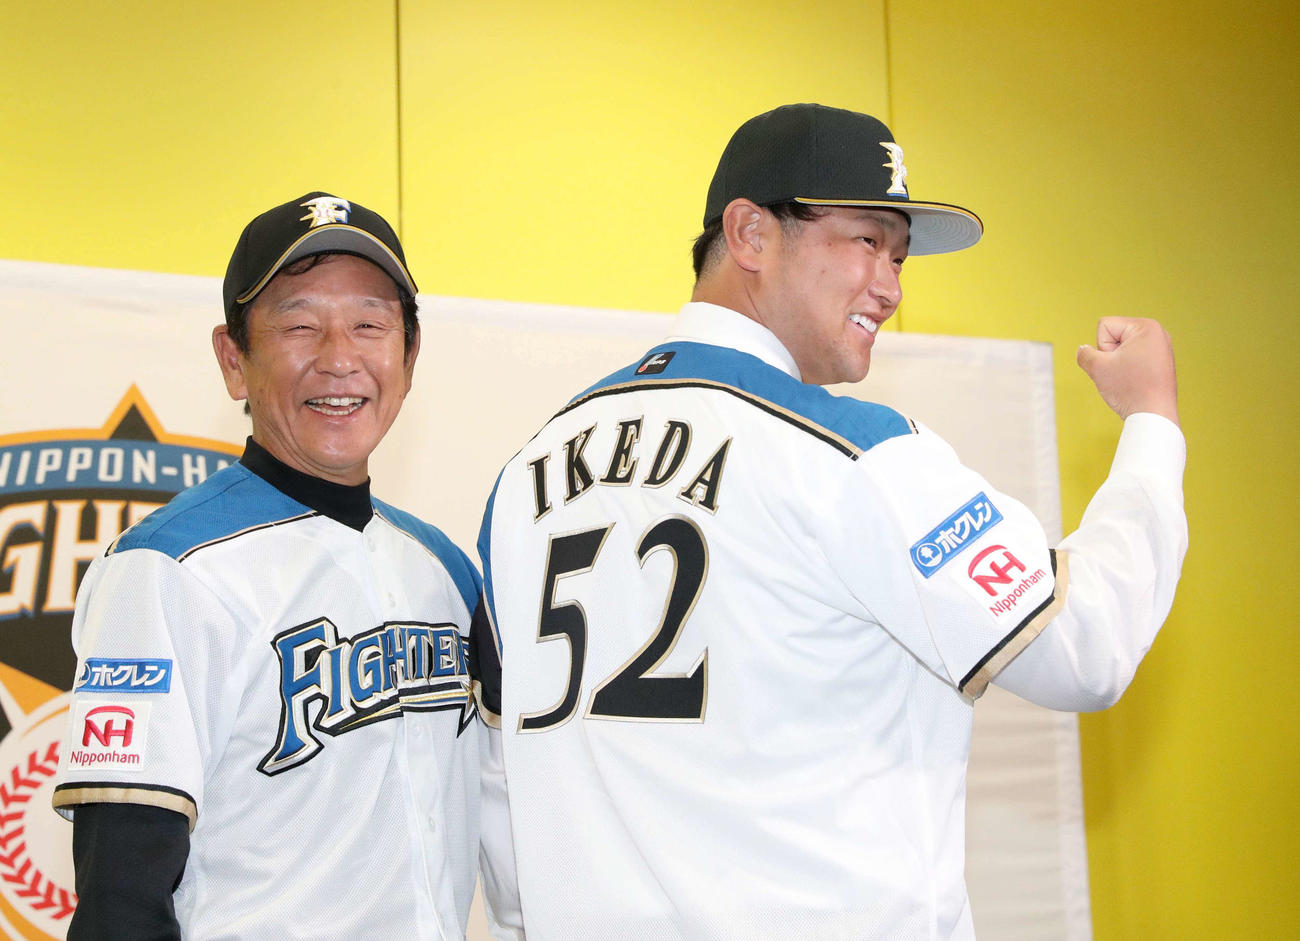 日本ハム栗山監督(左)と笑顔で撮影に応じる池田(撮影・佐藤翔太)